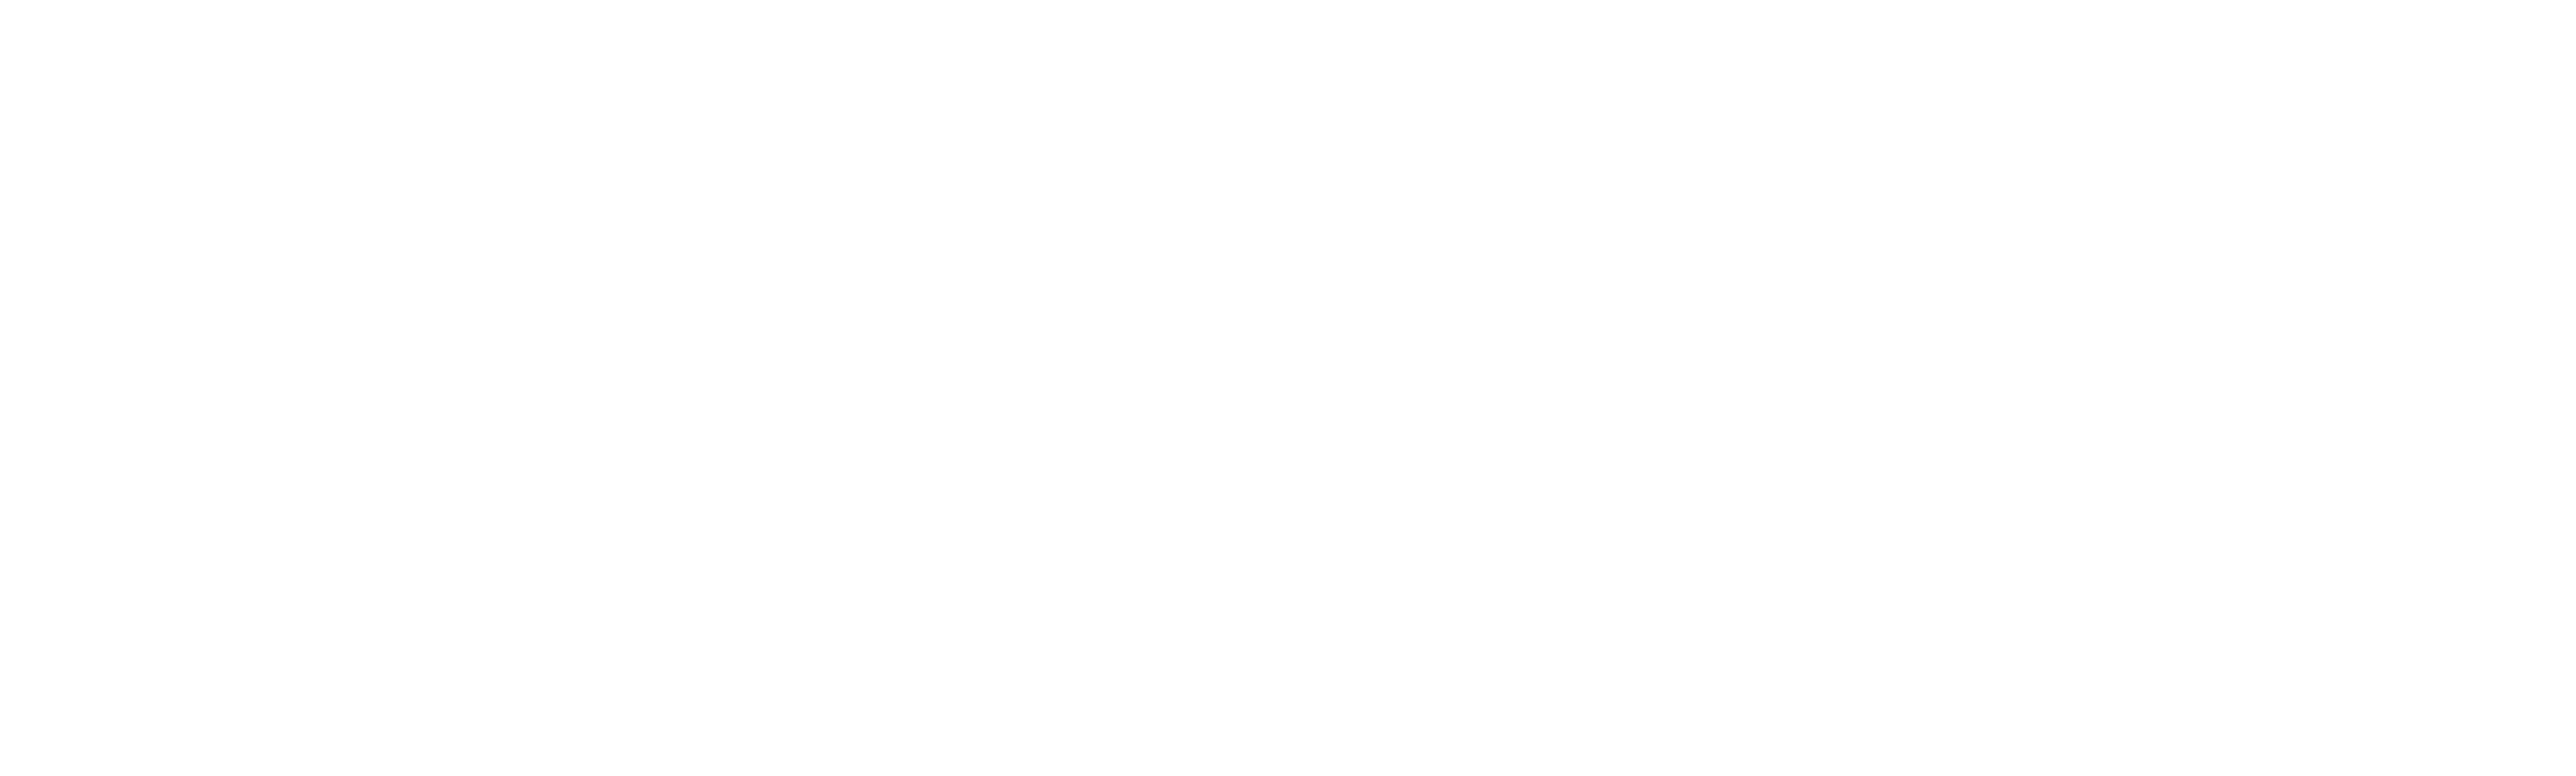 RailStaffing